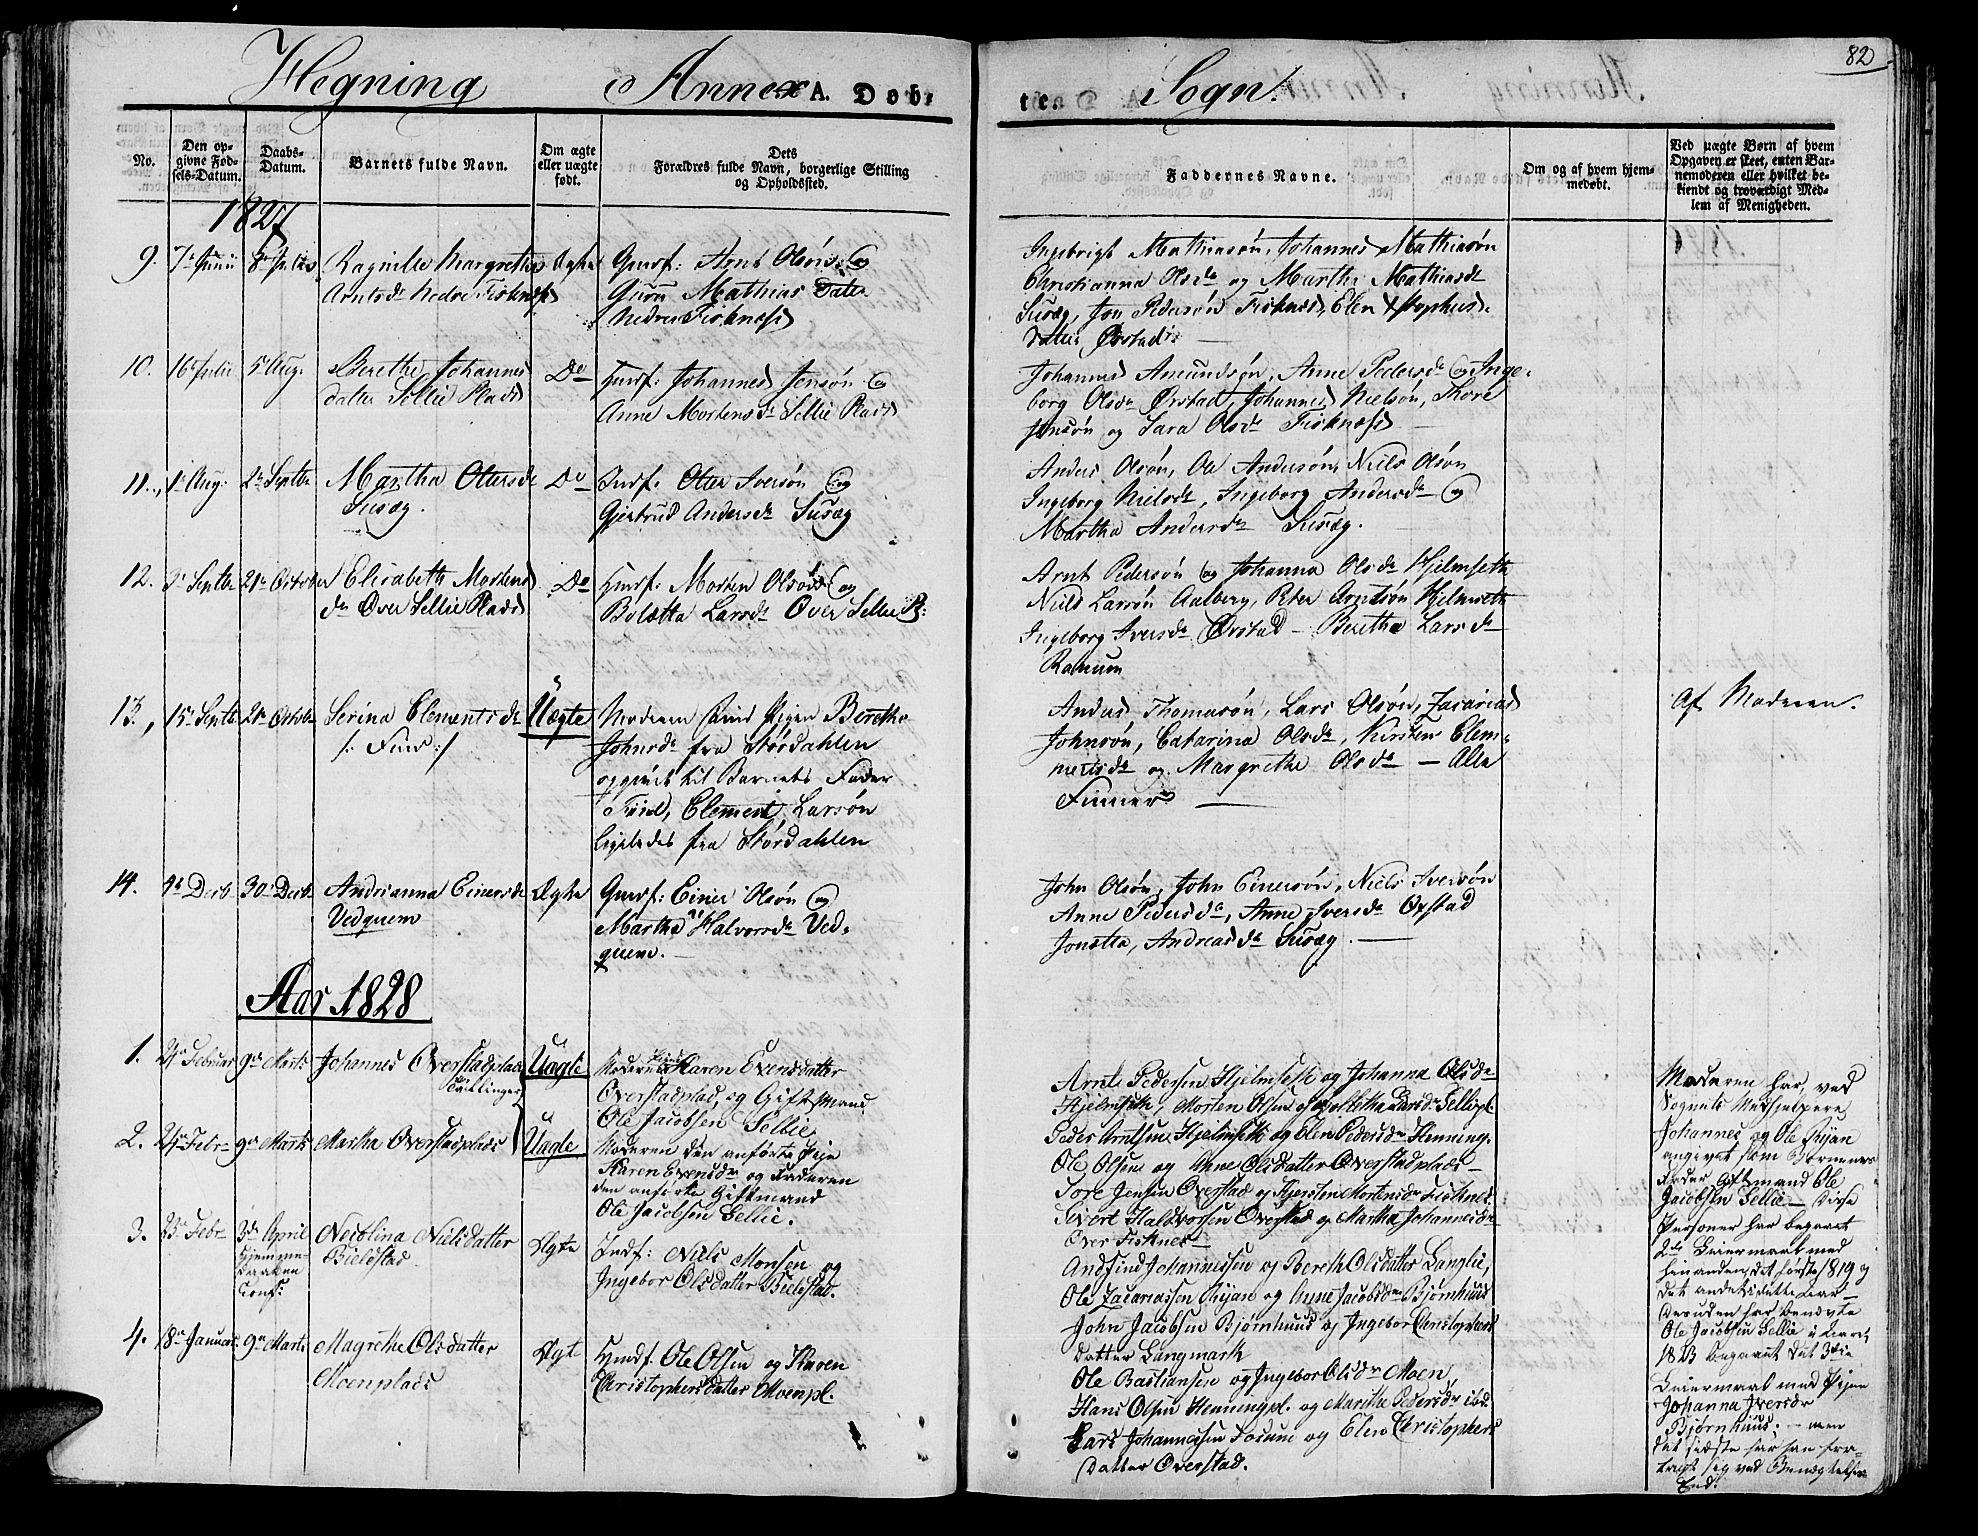 SAT, Ministerialprotokoller, klokkerbøker og fødselsregistre - Nord-Trøndelag, 735/L0336: Ministerialbok nr. 735A05 /3, 1825-1835, s. 82